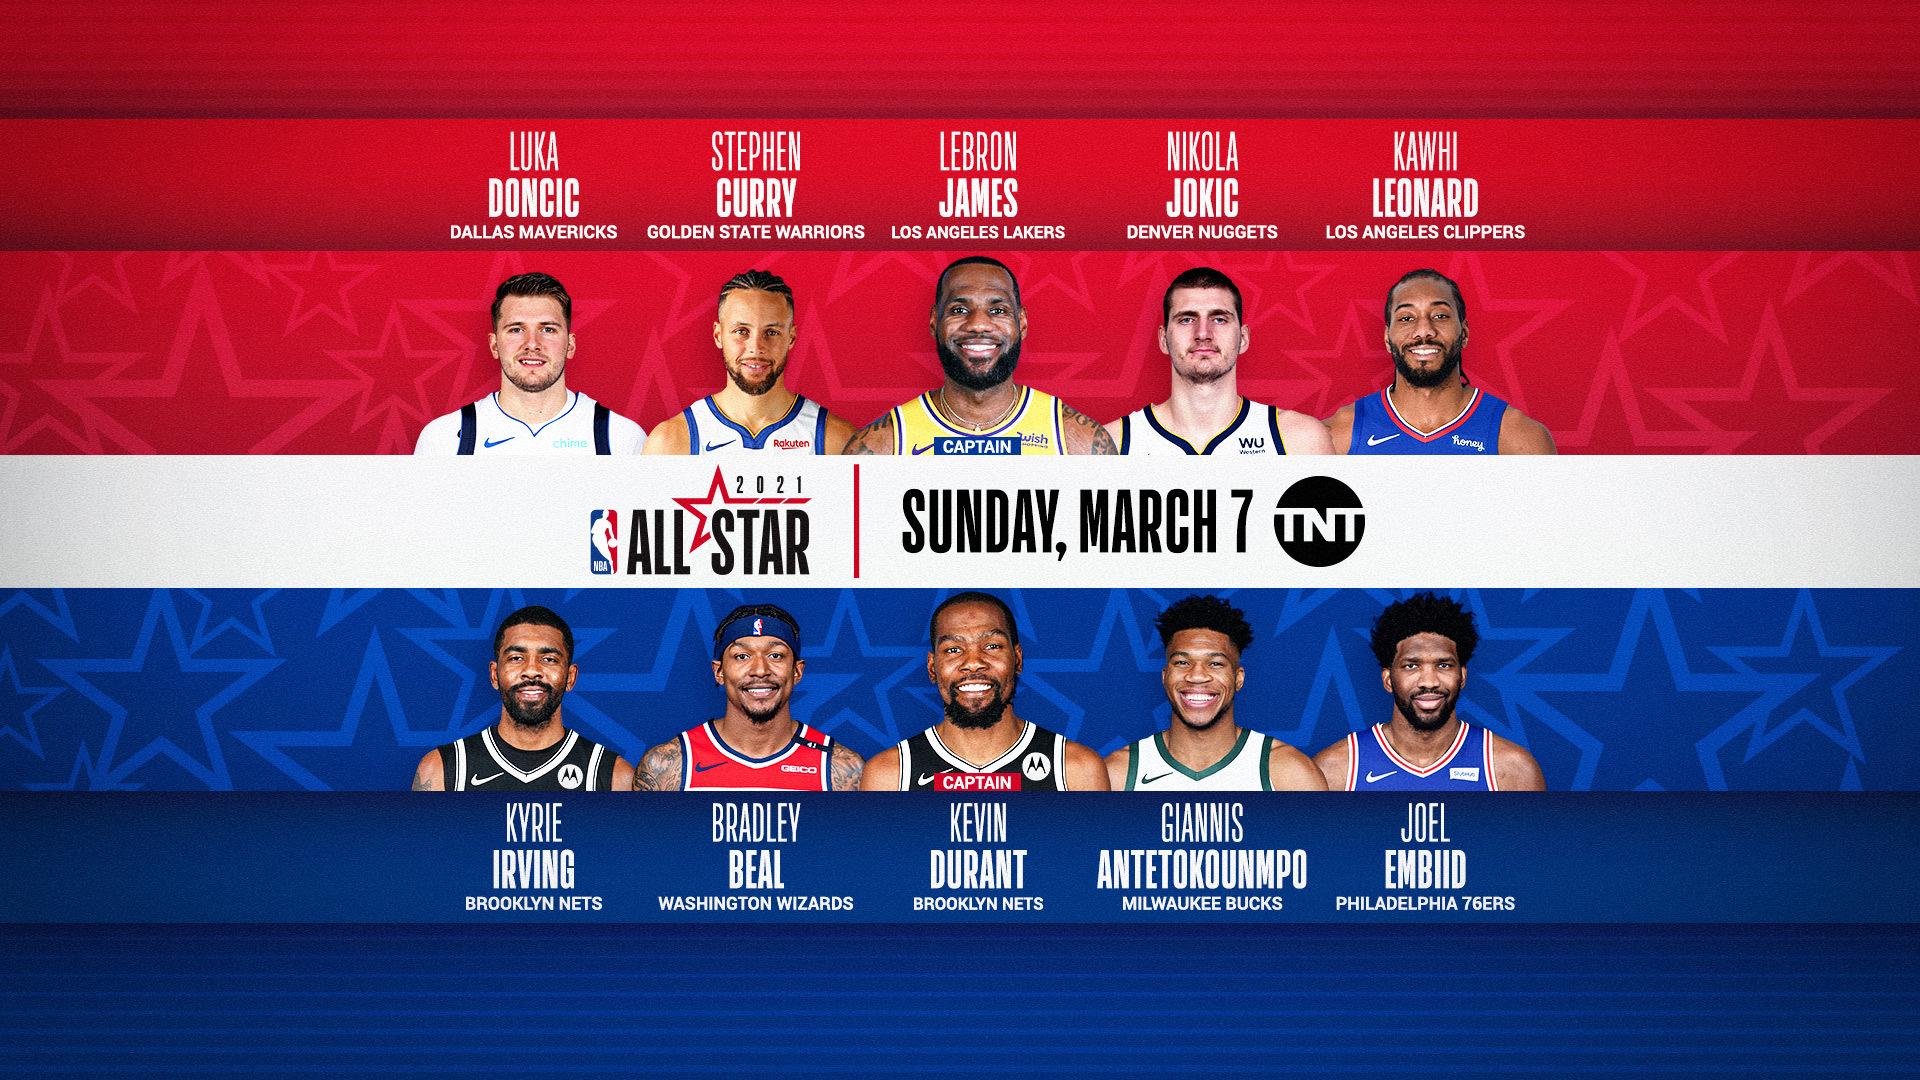 NBA All-Star 2021 Dukung HBCU dan Kesetaraan Penegakan Terkait COVID-19